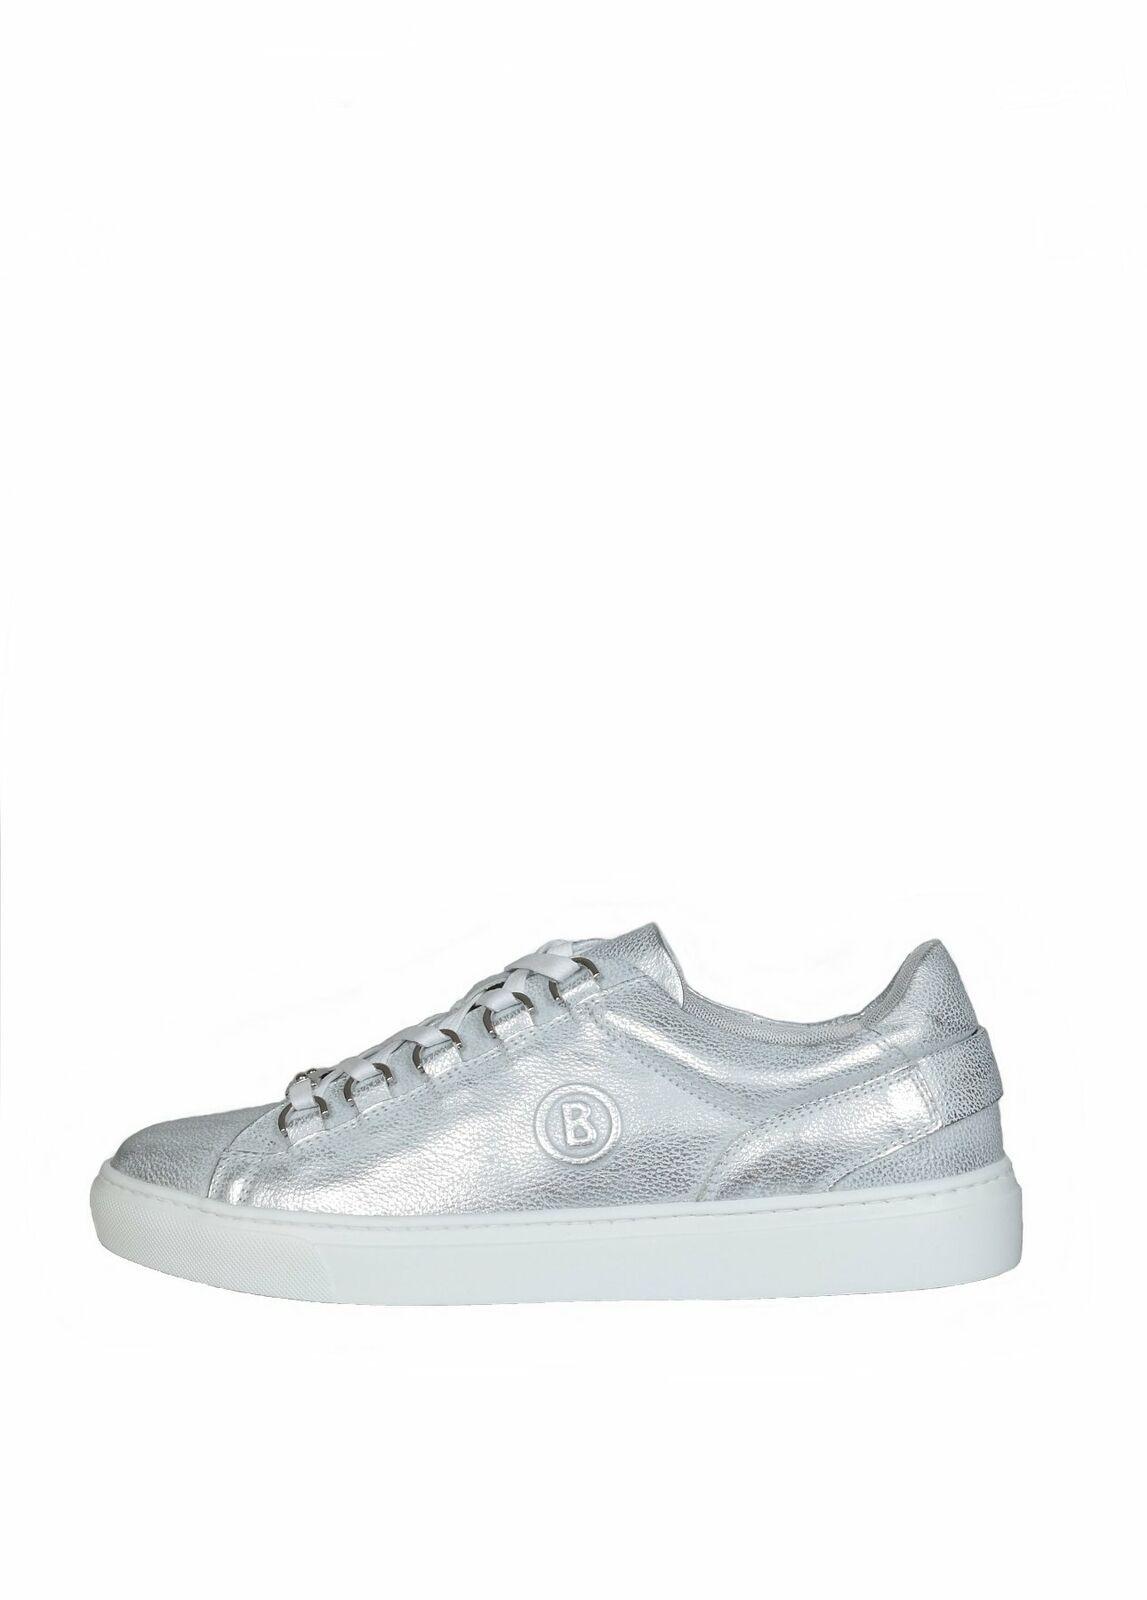 Bogner  donna NEW Salisburgo 27 B scarpe da ginnastica, Scarpe, Leather  argento  scelte con prezzo basso